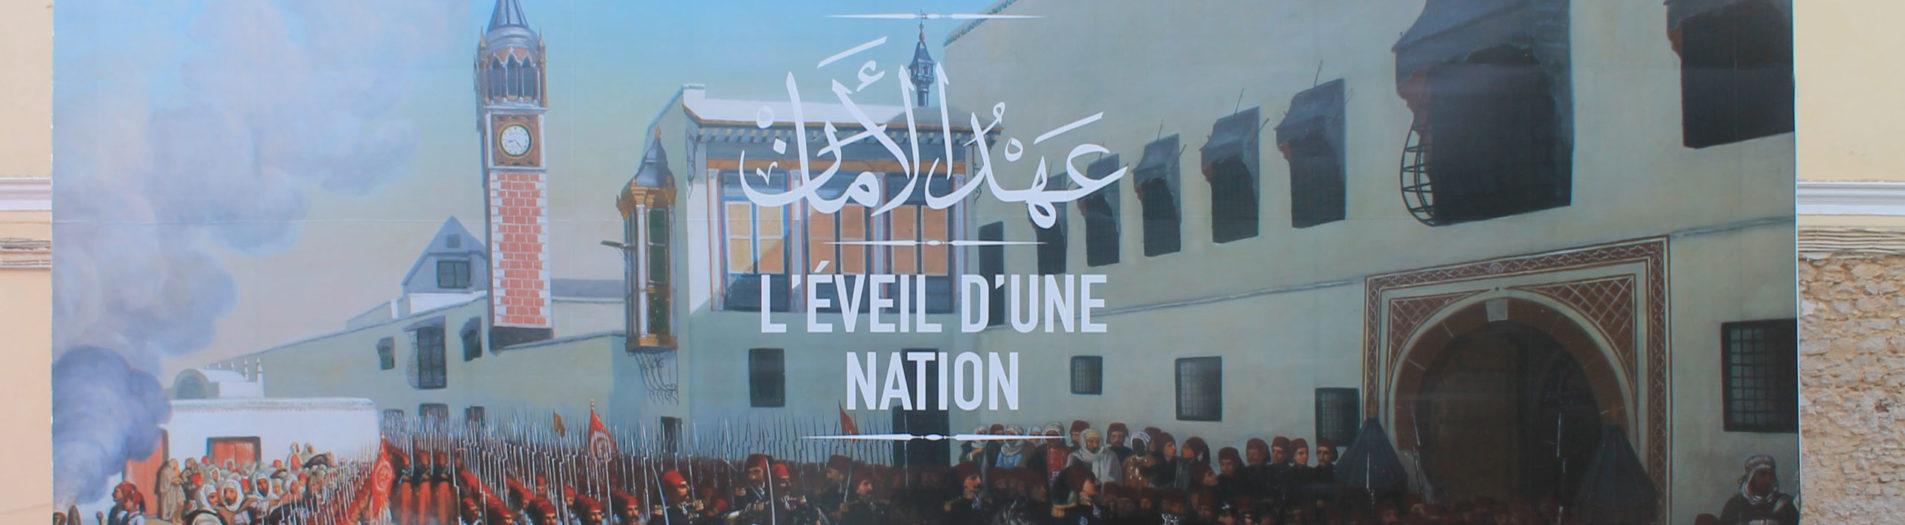 Quelques expositions temporaires en Tunisie